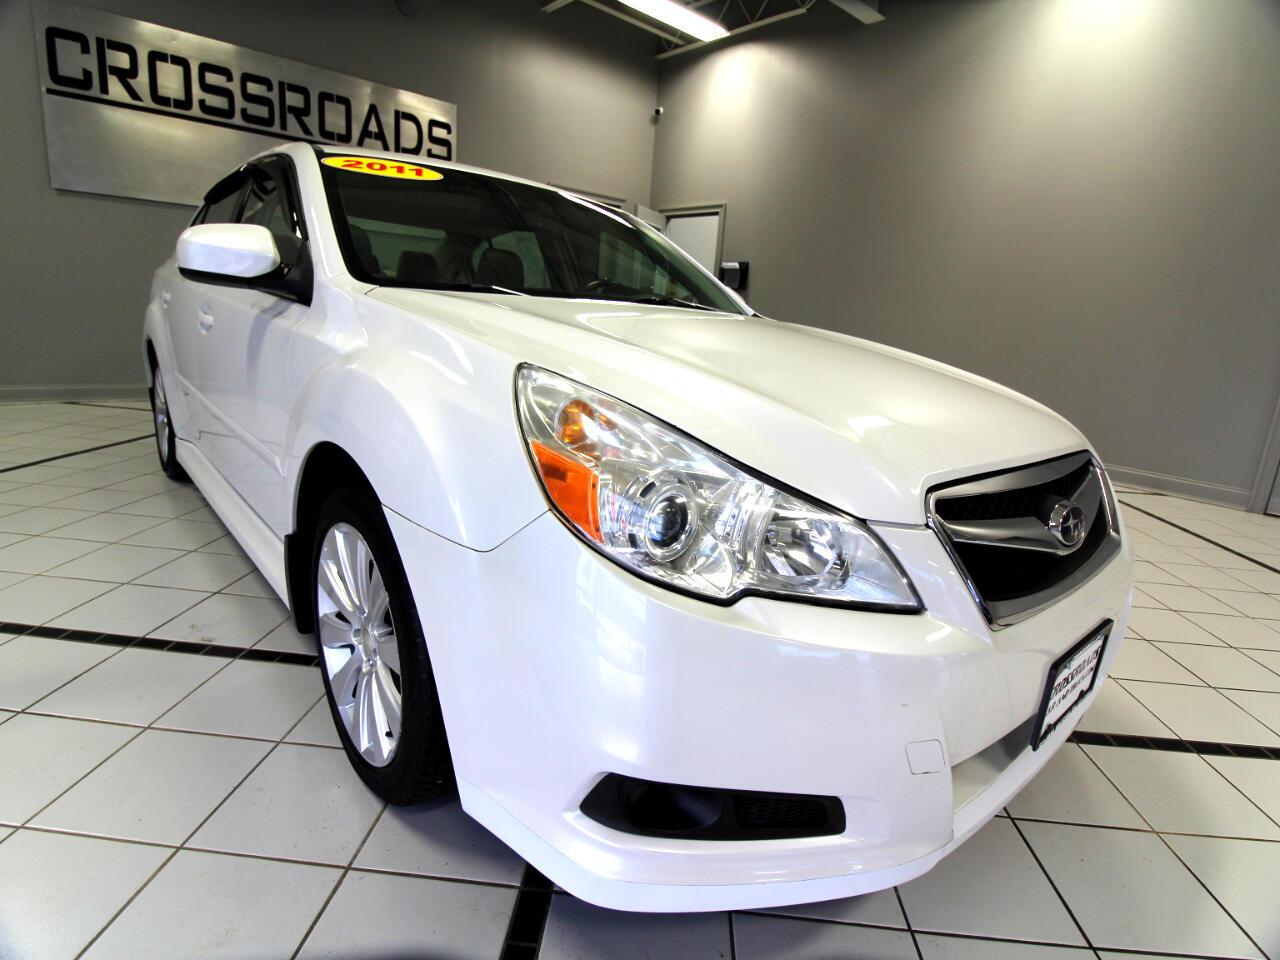 2011 Subaru Legacy 4dr Sdn H4 Auto 2.5i Ltd Pwr Moon